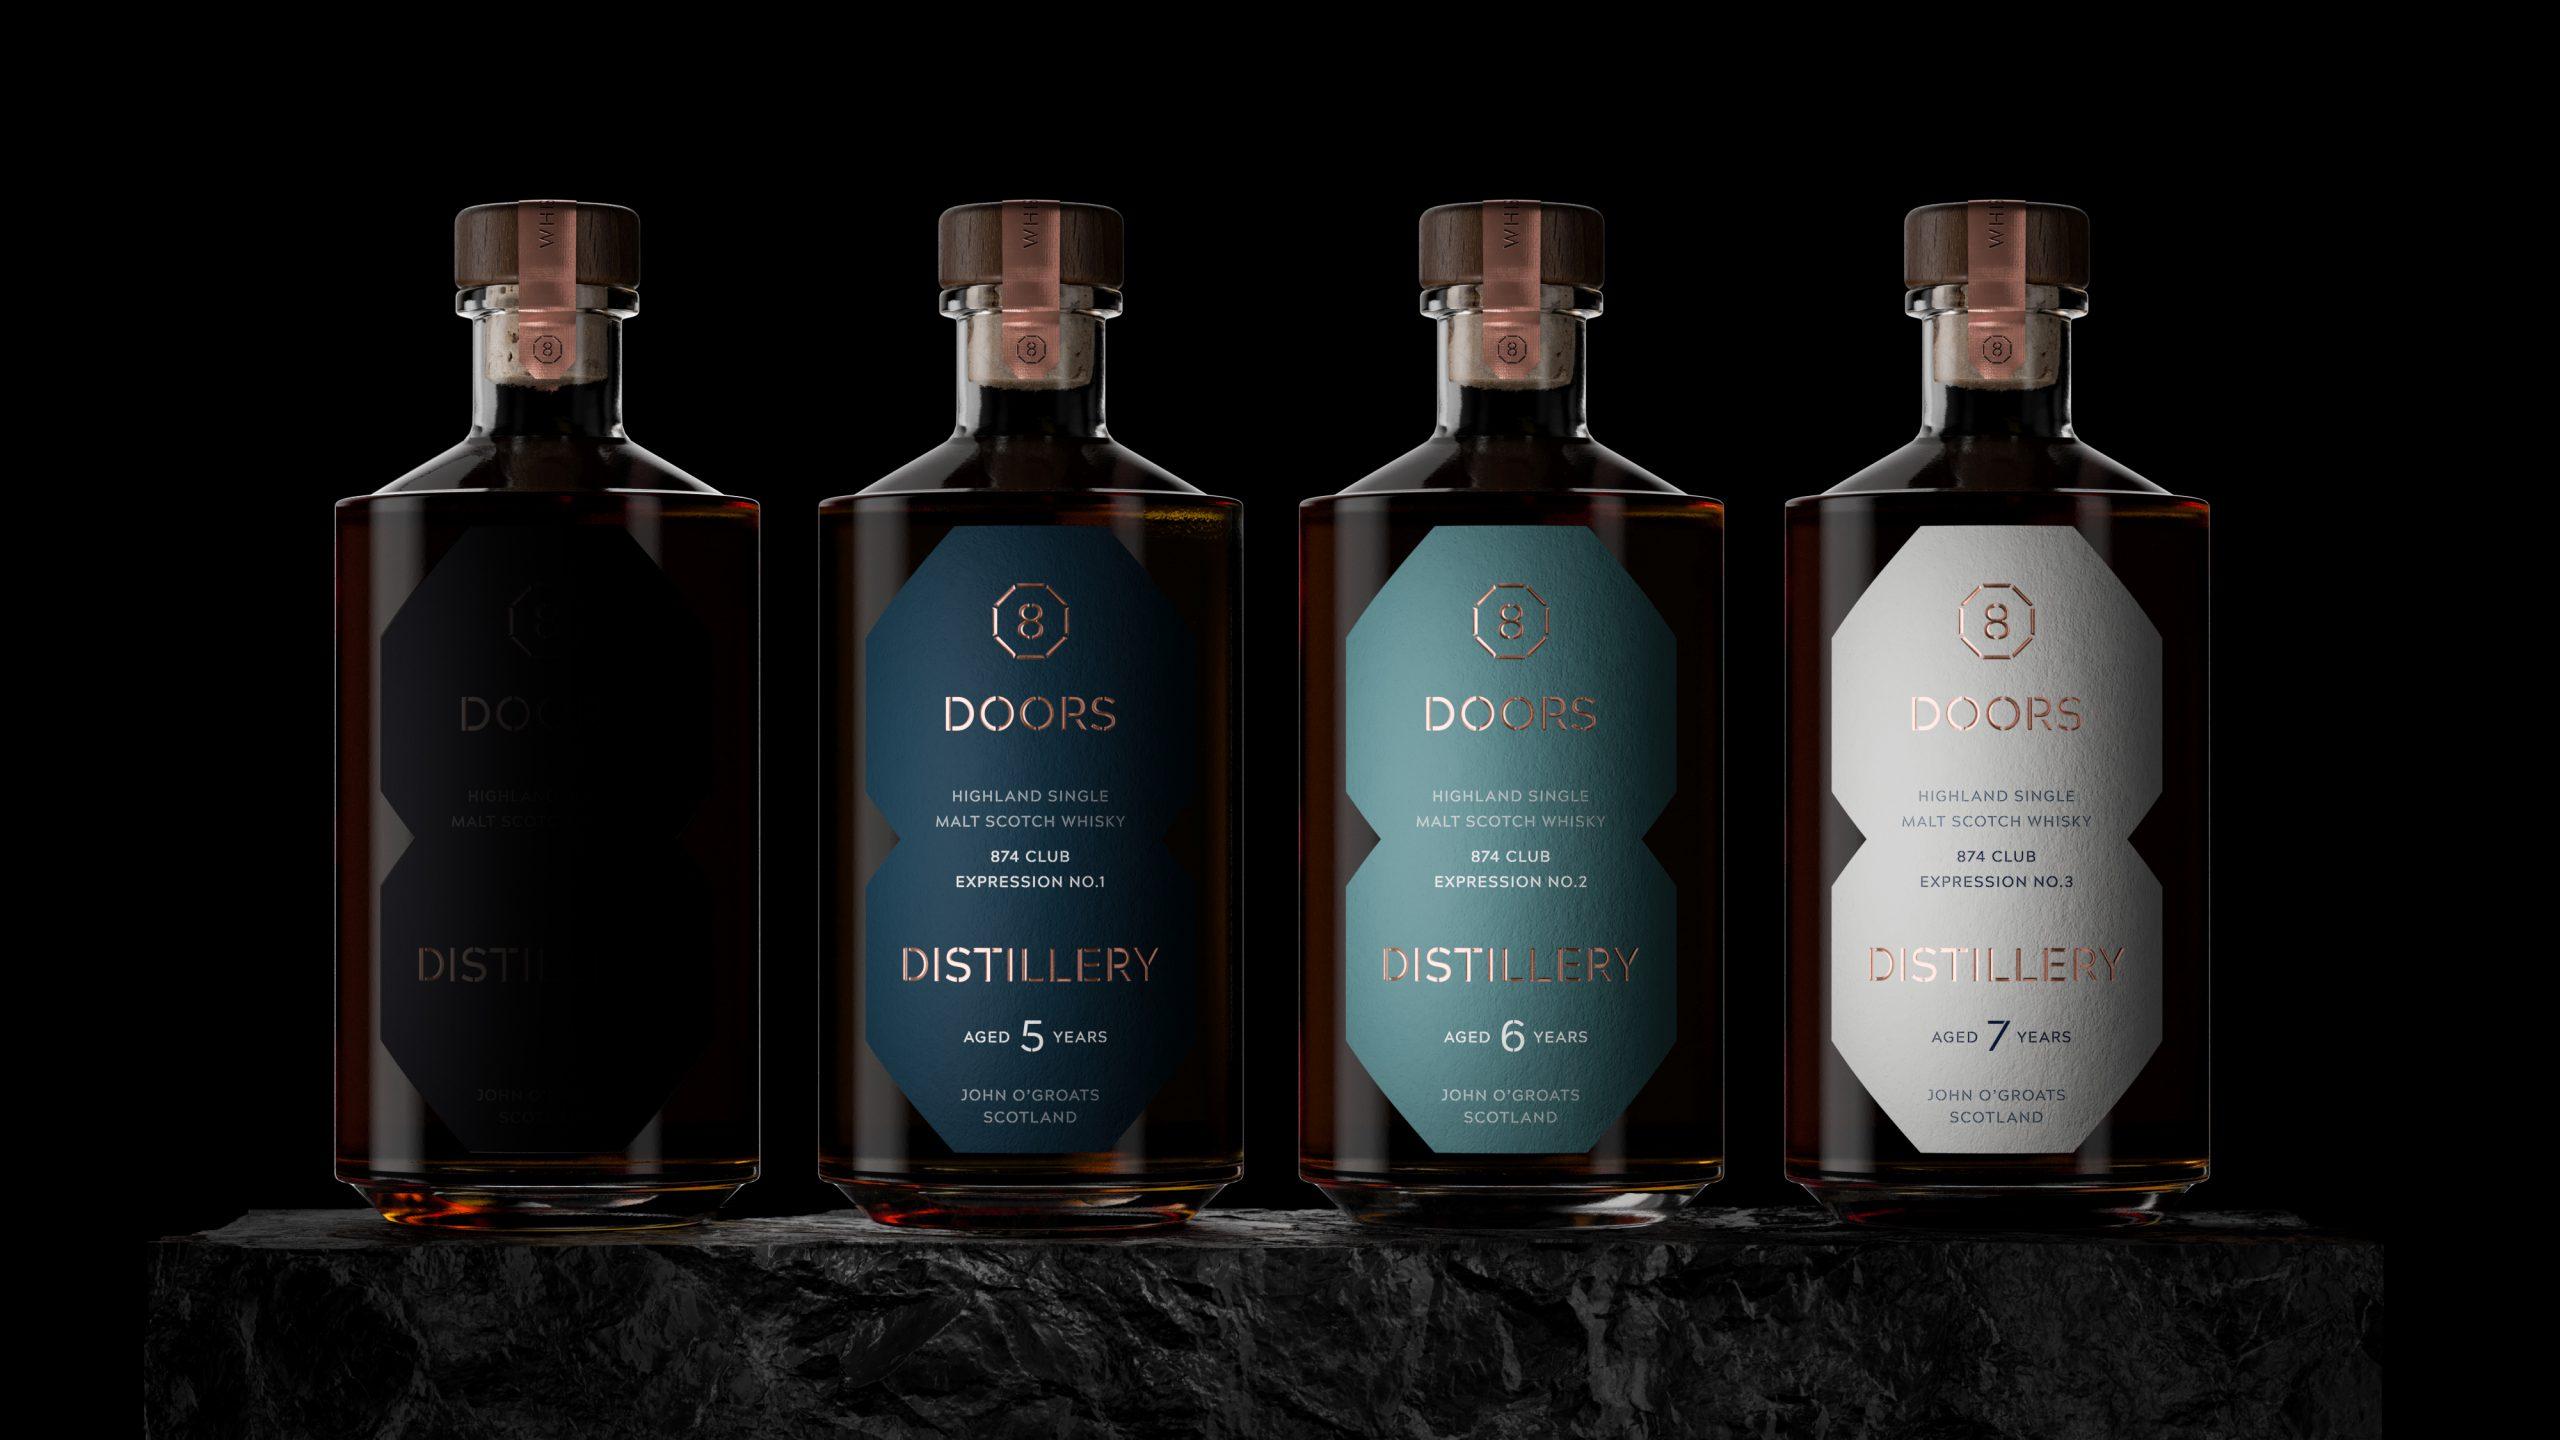 Four whisky bottles from 8 Doors distillery